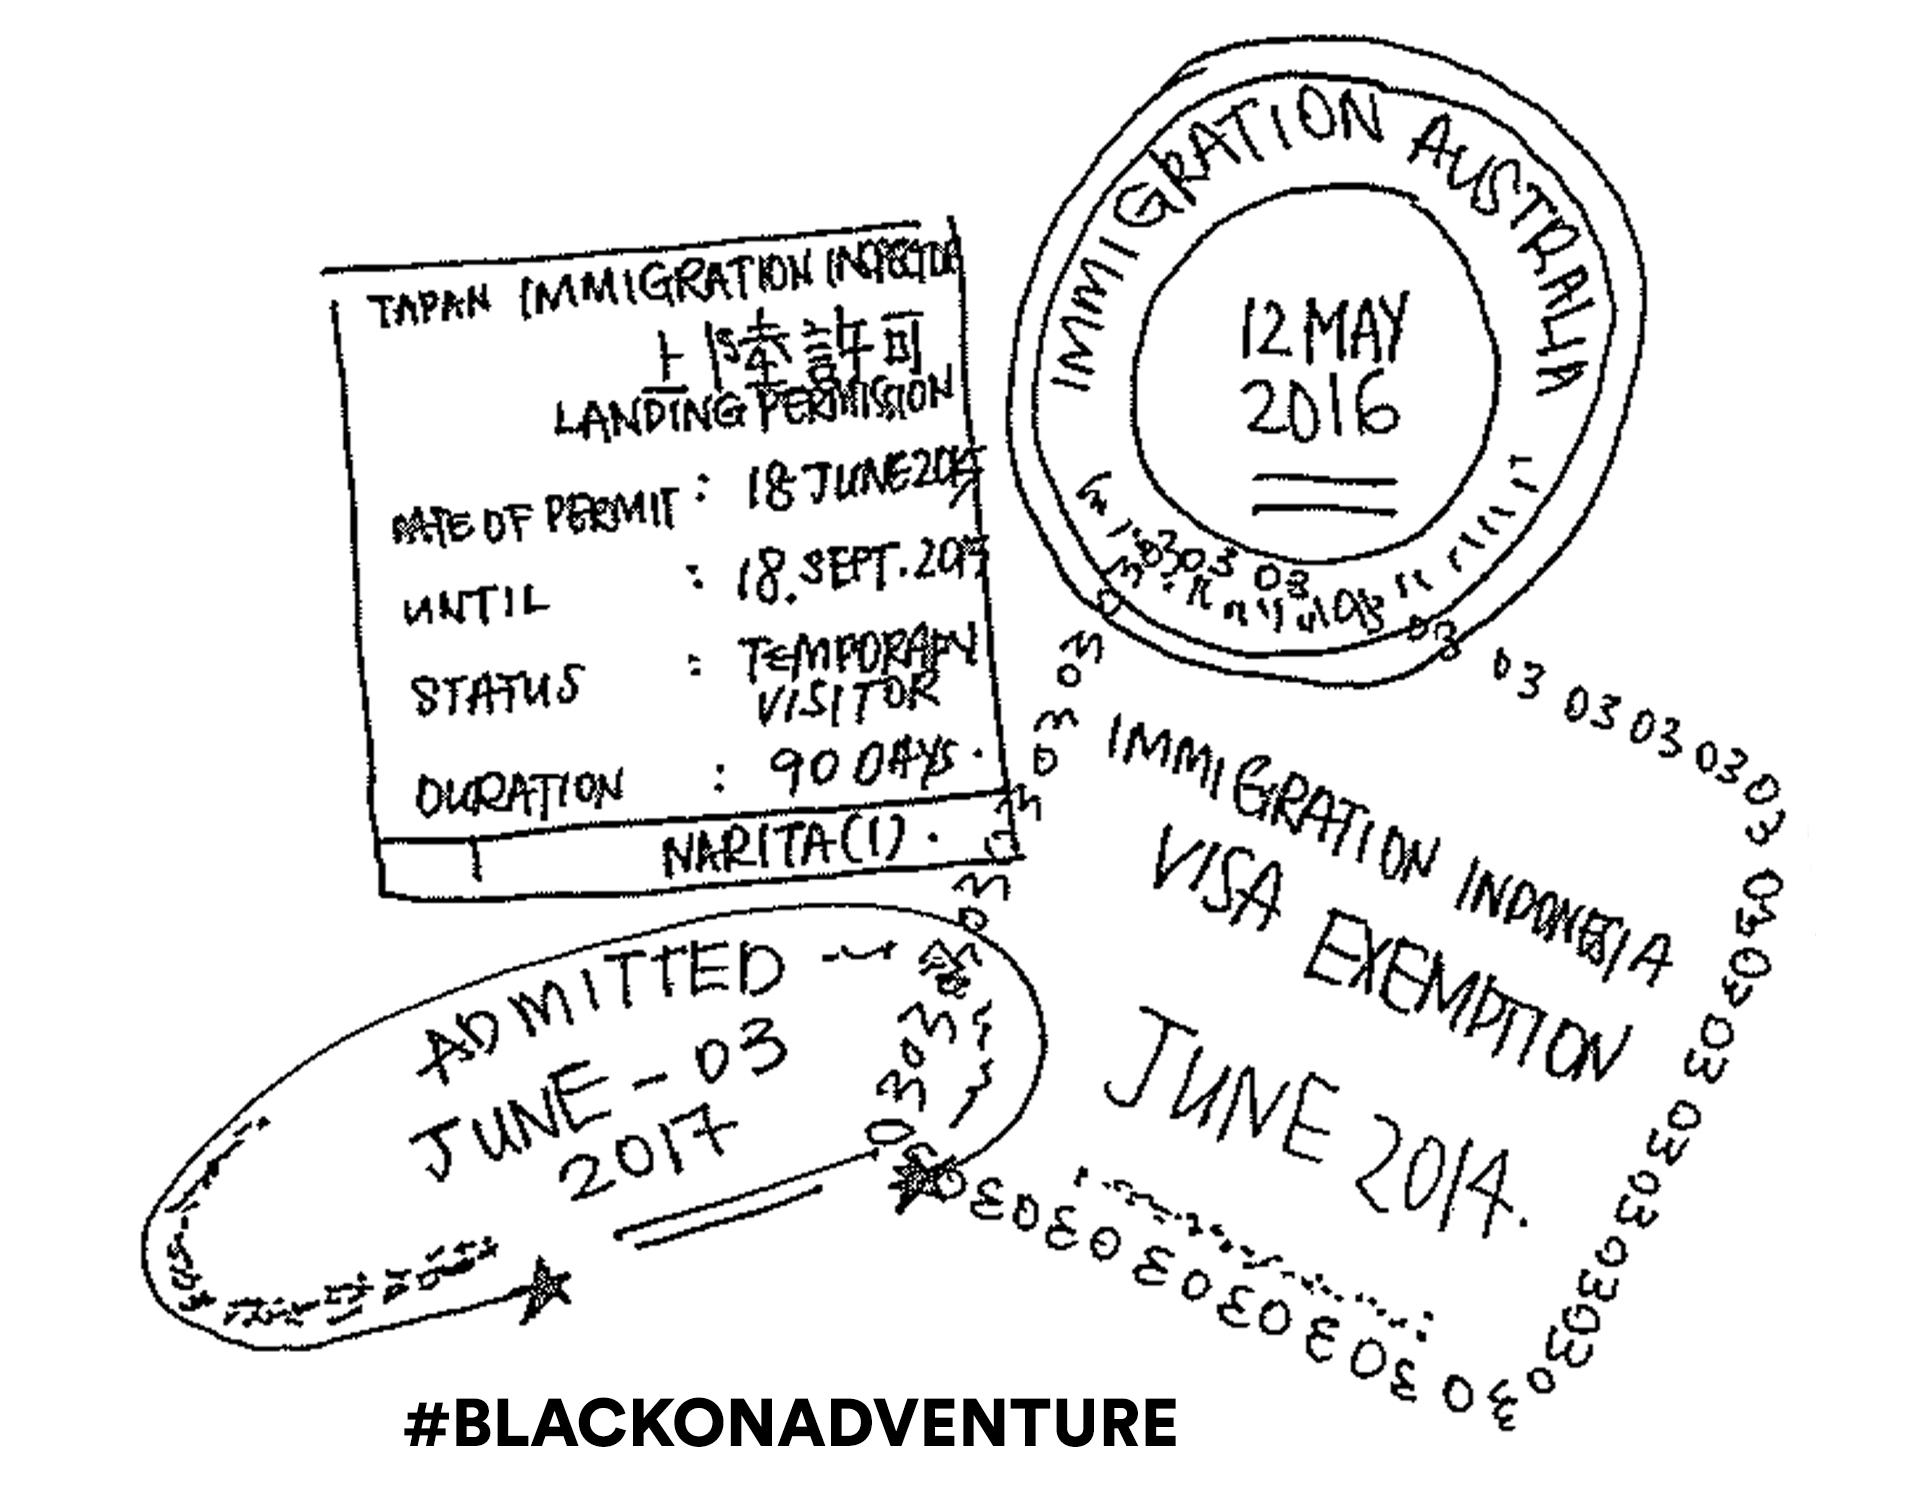 BLACK on Adventure